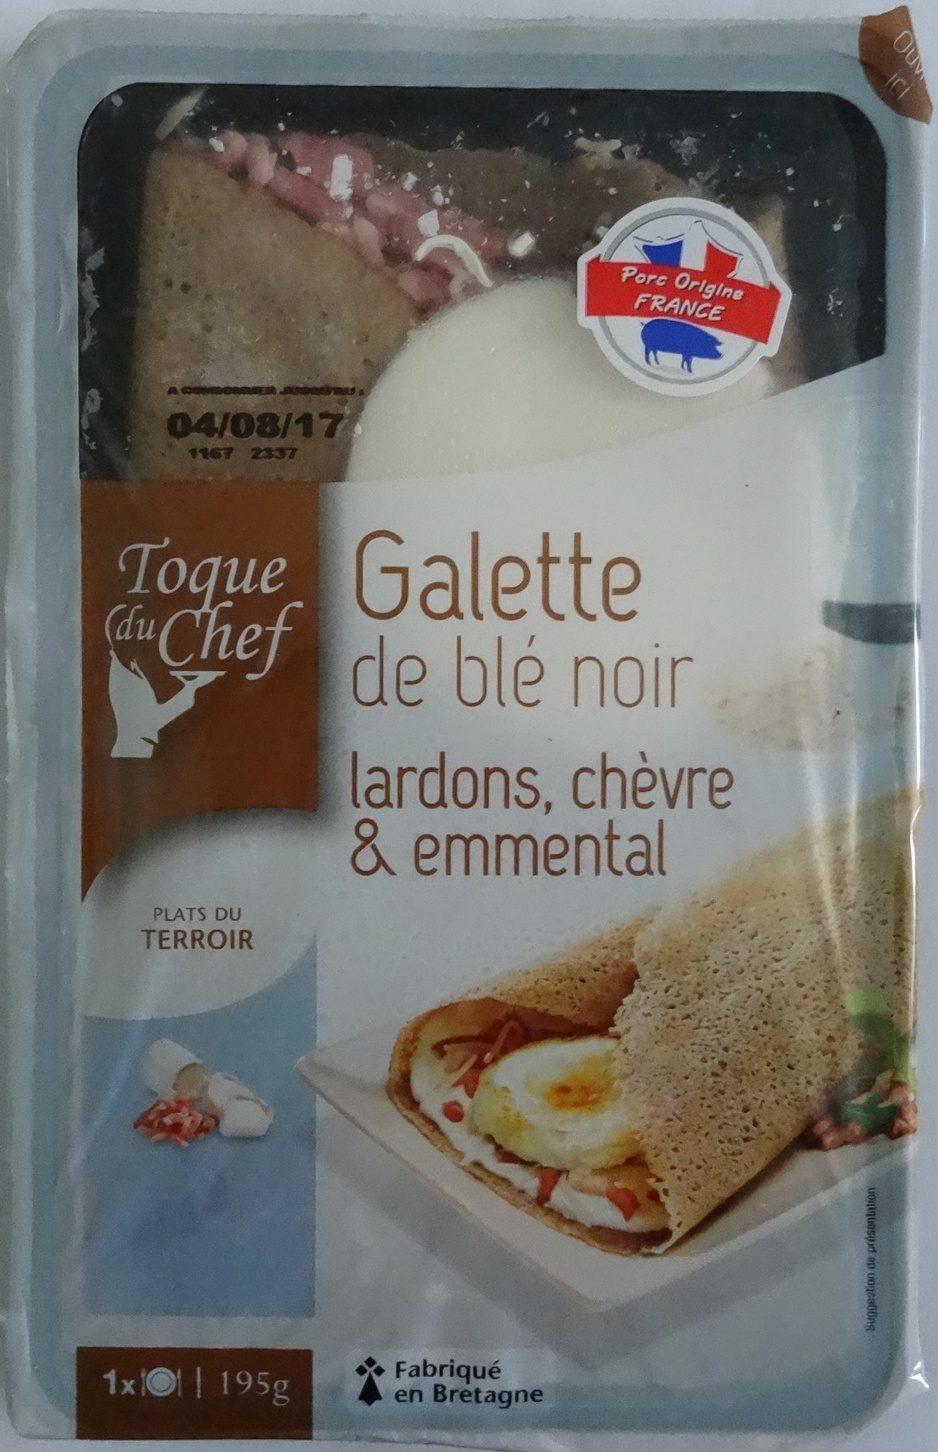 Toque du chef - Galette de blé noir, lardons, chèvre et emmental - Produit